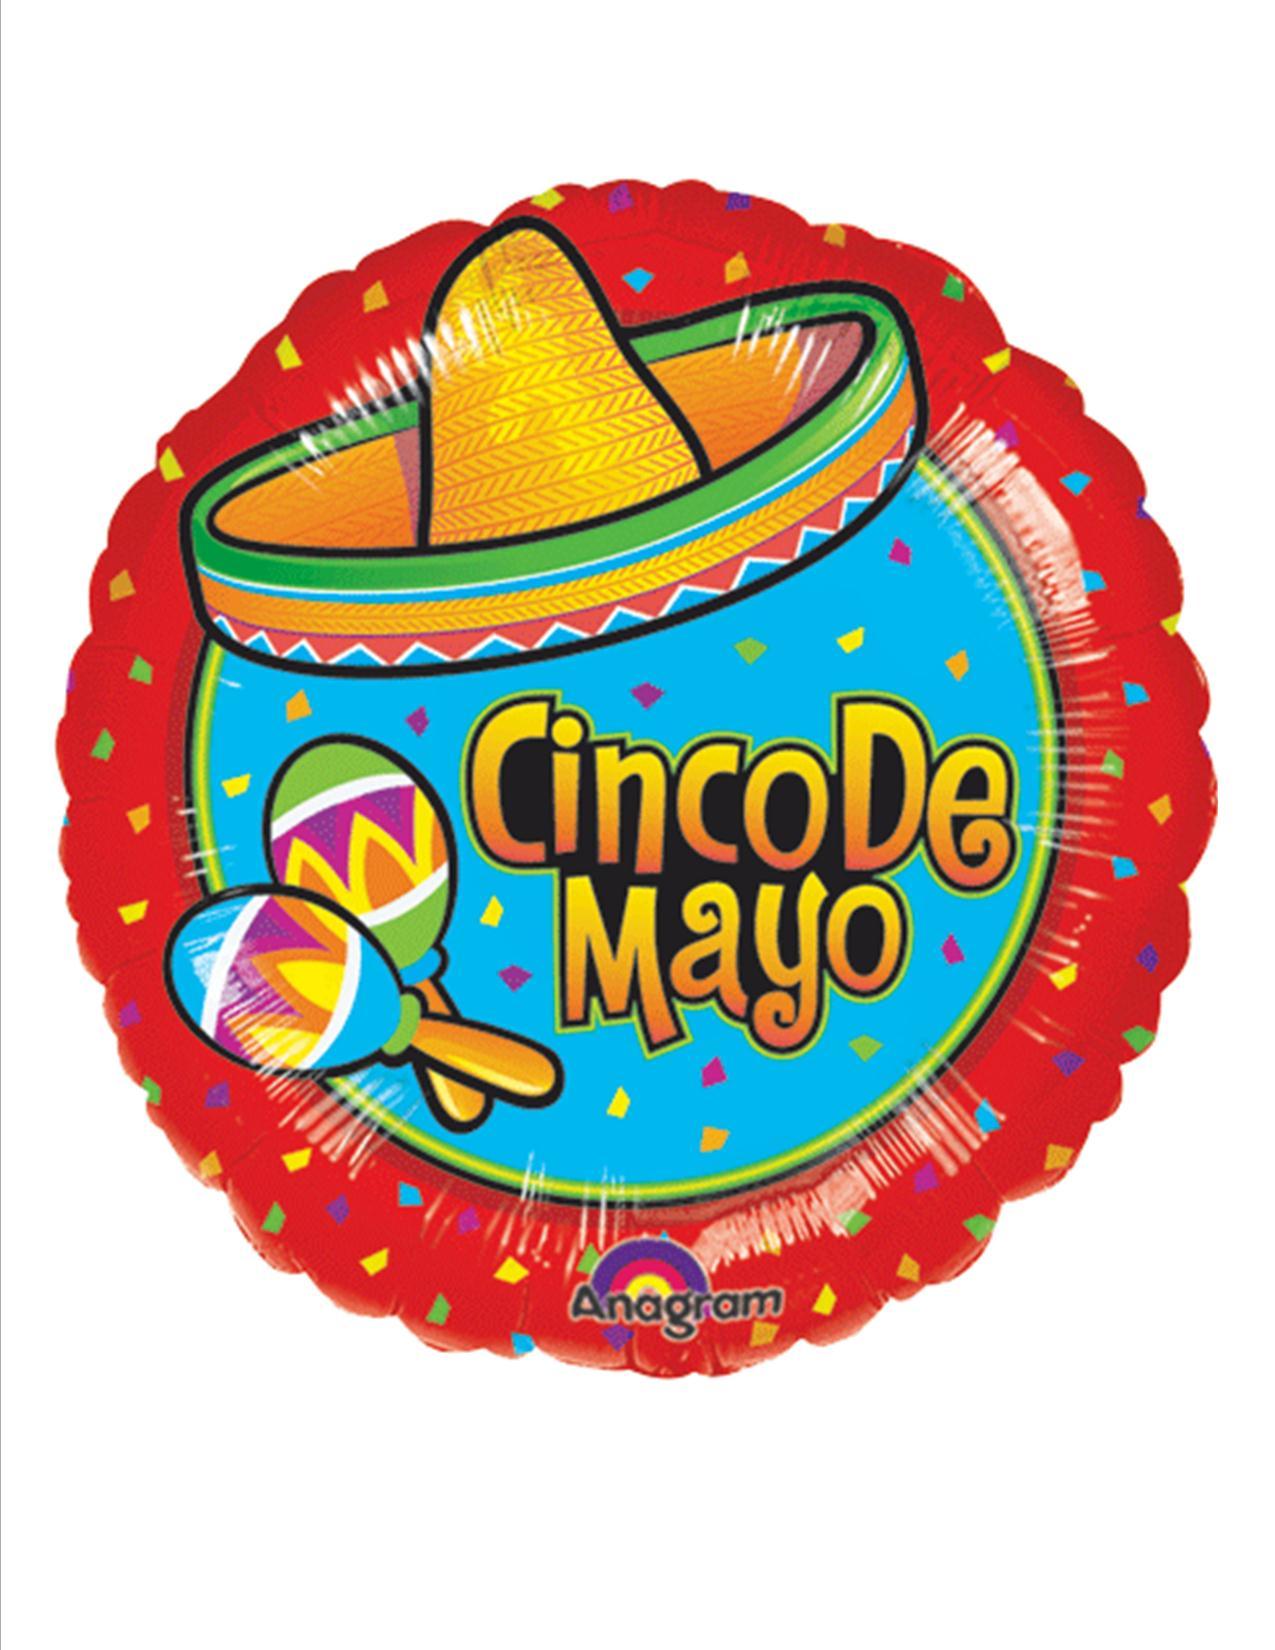 Happy Cinco De Mayo Wallpapers - Wallpaper Cave